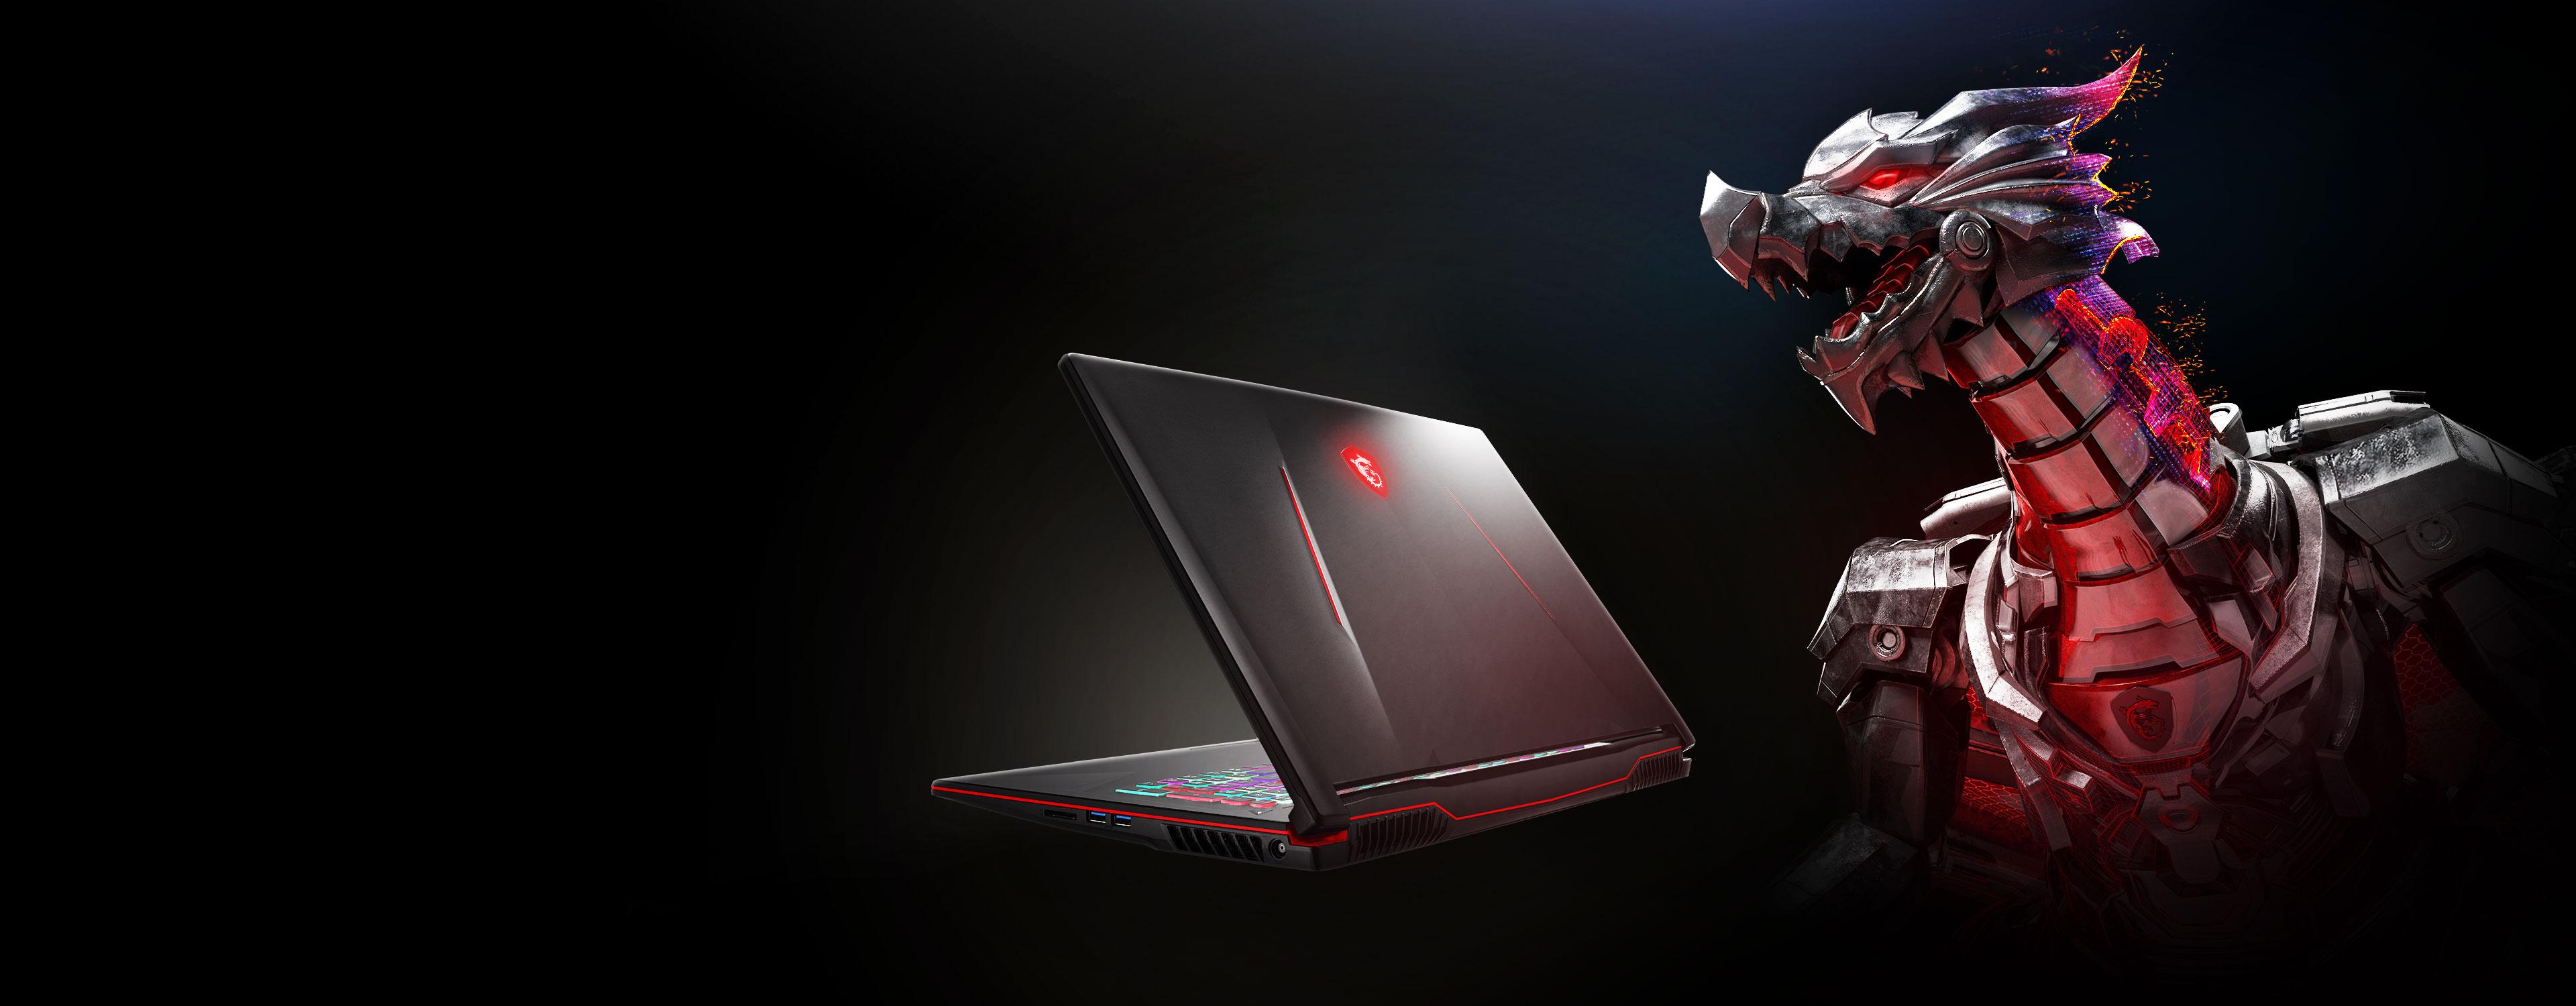 MSI Gaming GL63 Laptop